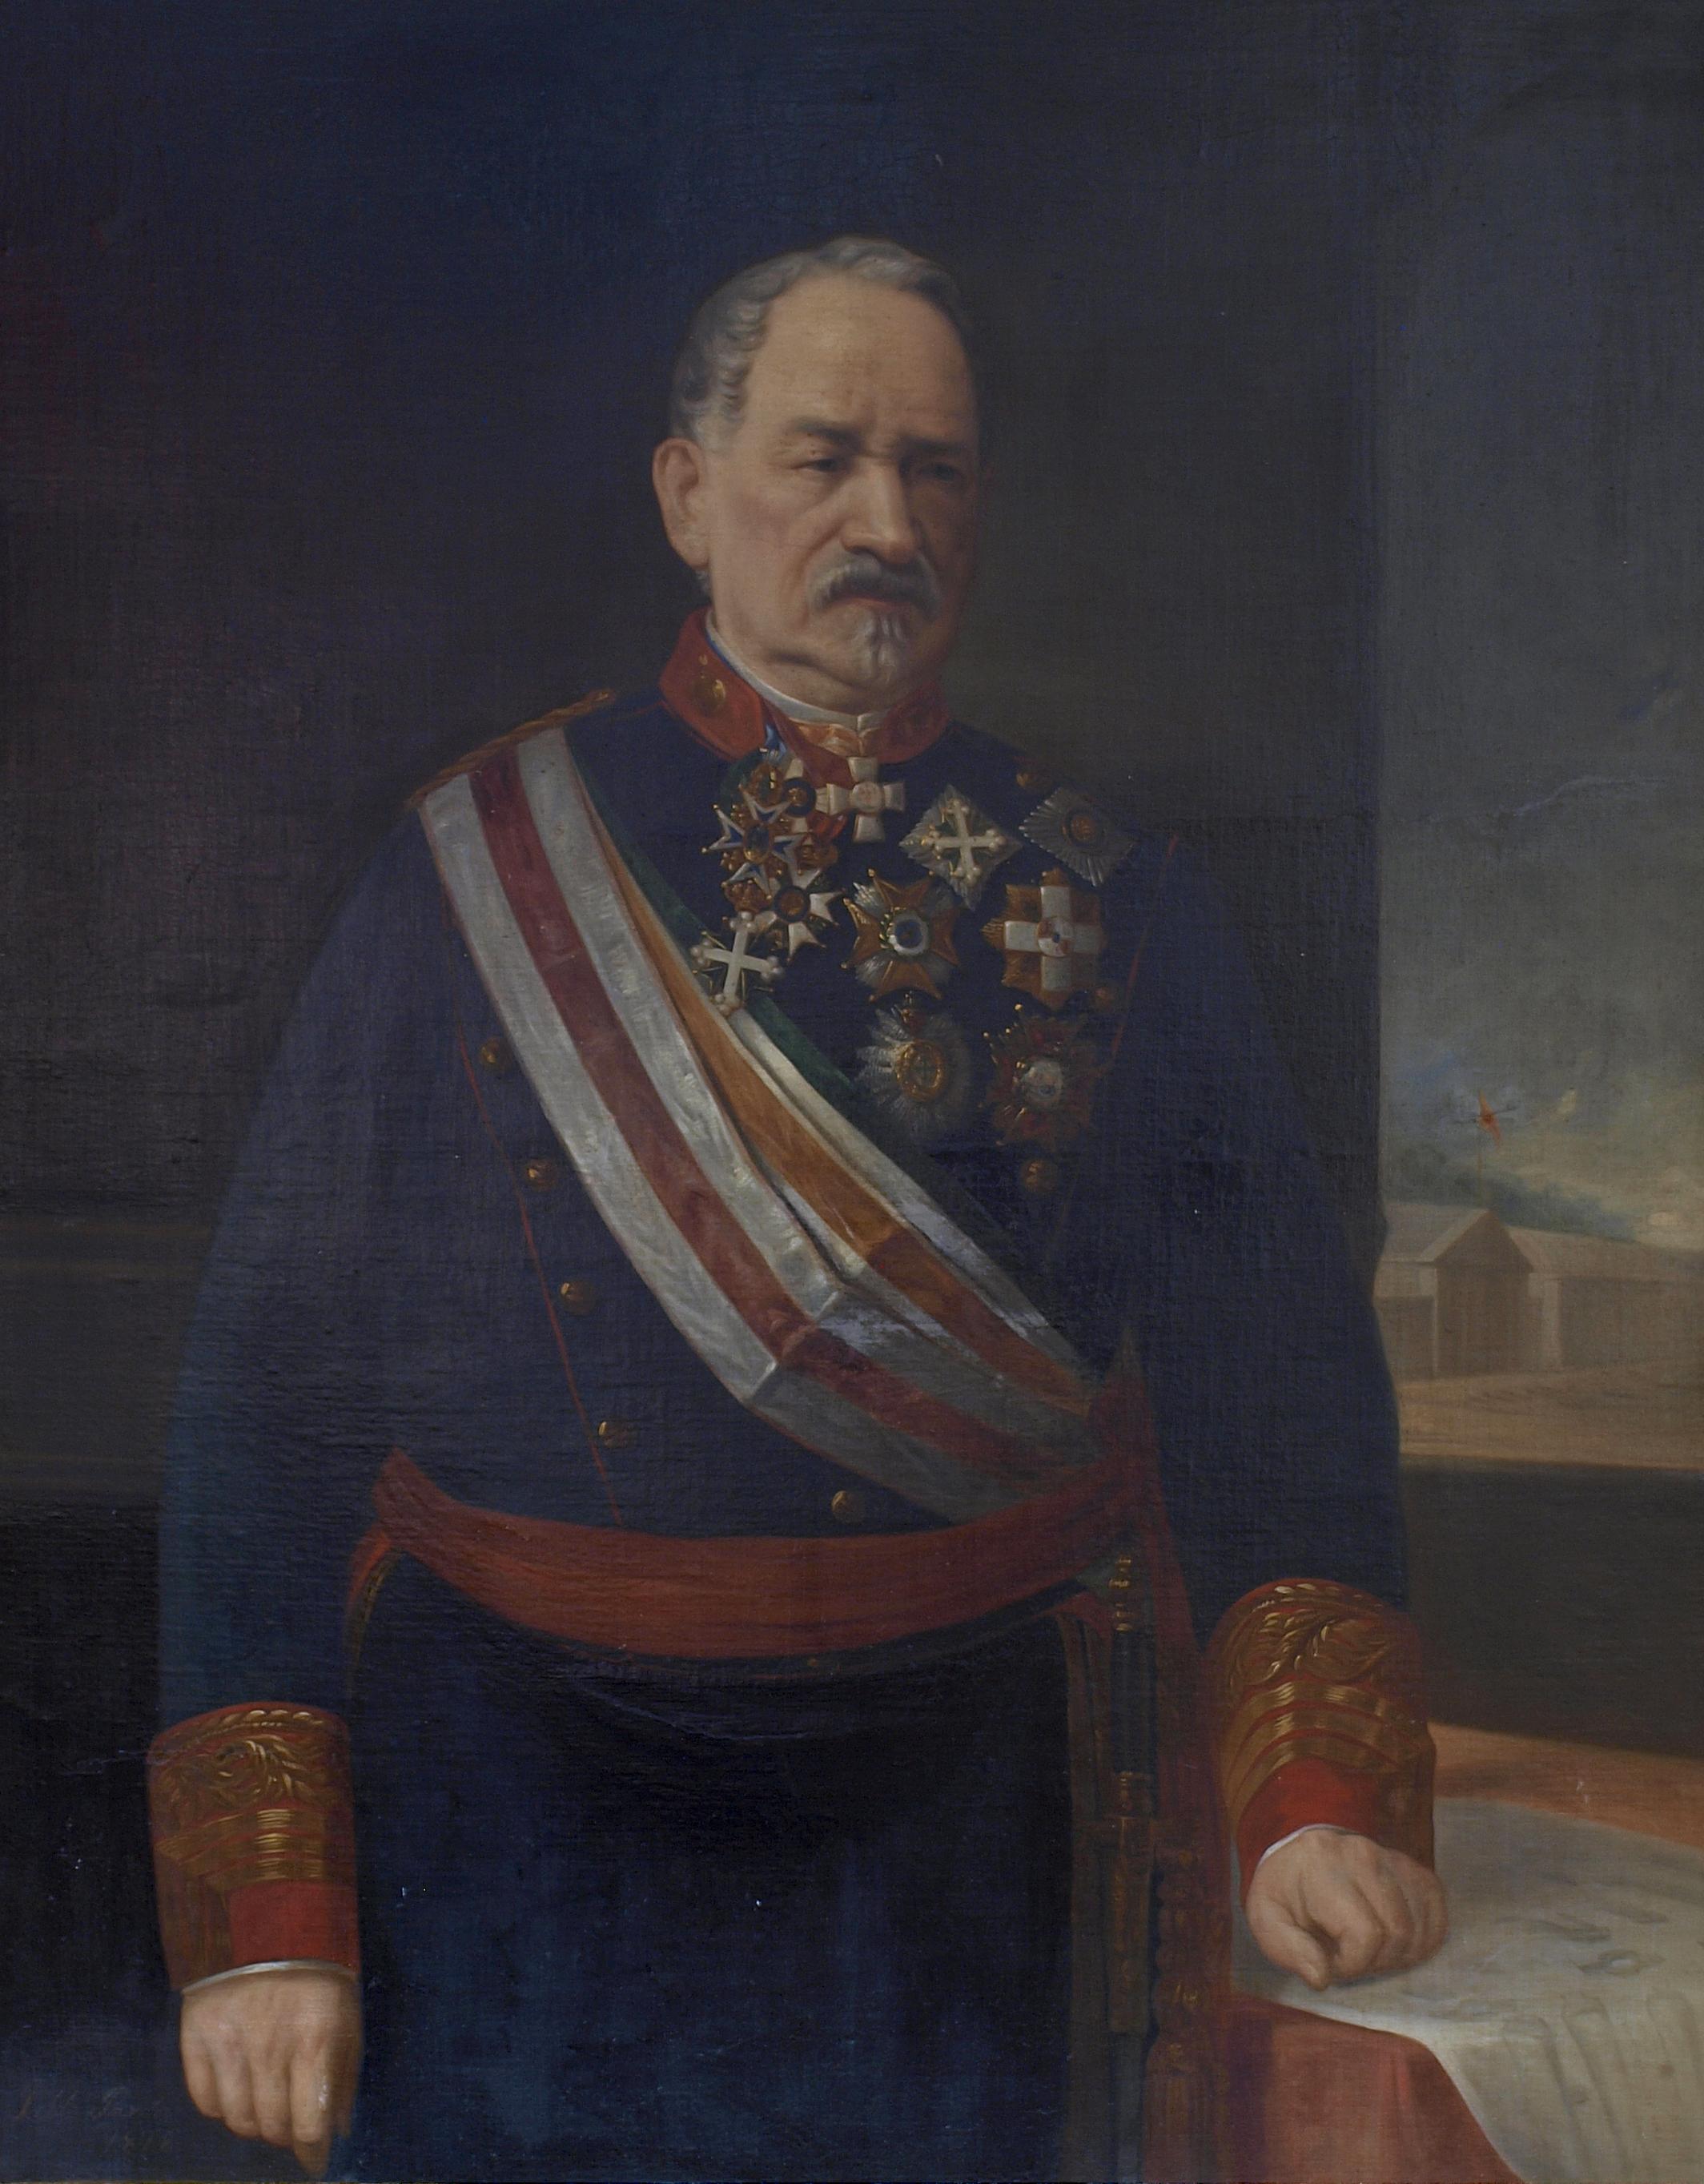 Francisco Elorza y Aguirre